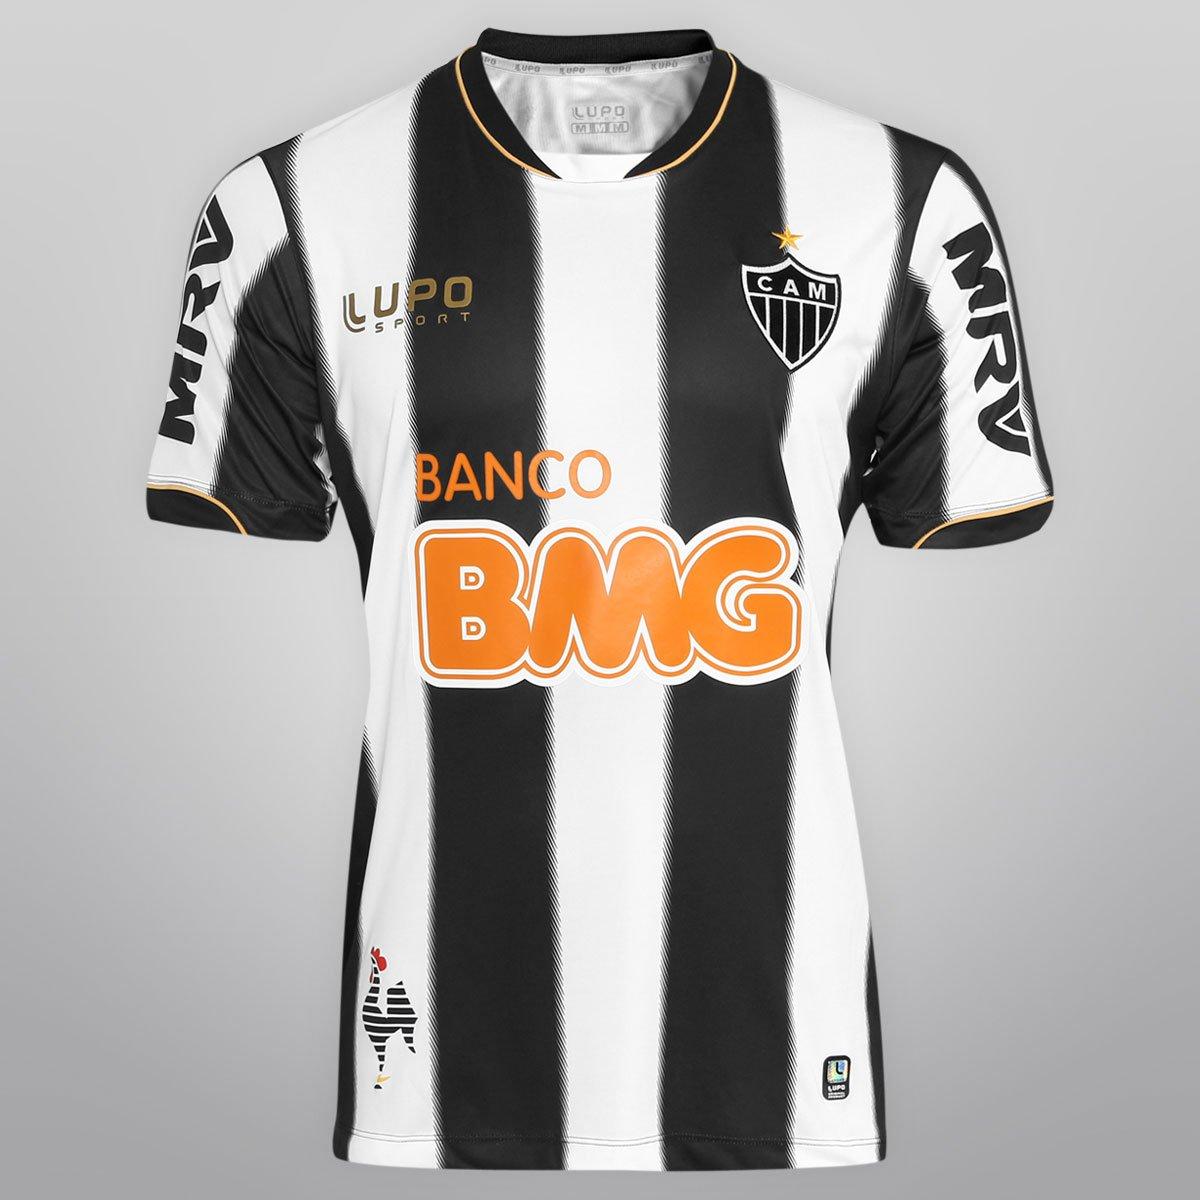 Camisa Lupo Atlético Mineiro I 13 14 nº 12 - Compre Agora  daca080e3b5a5